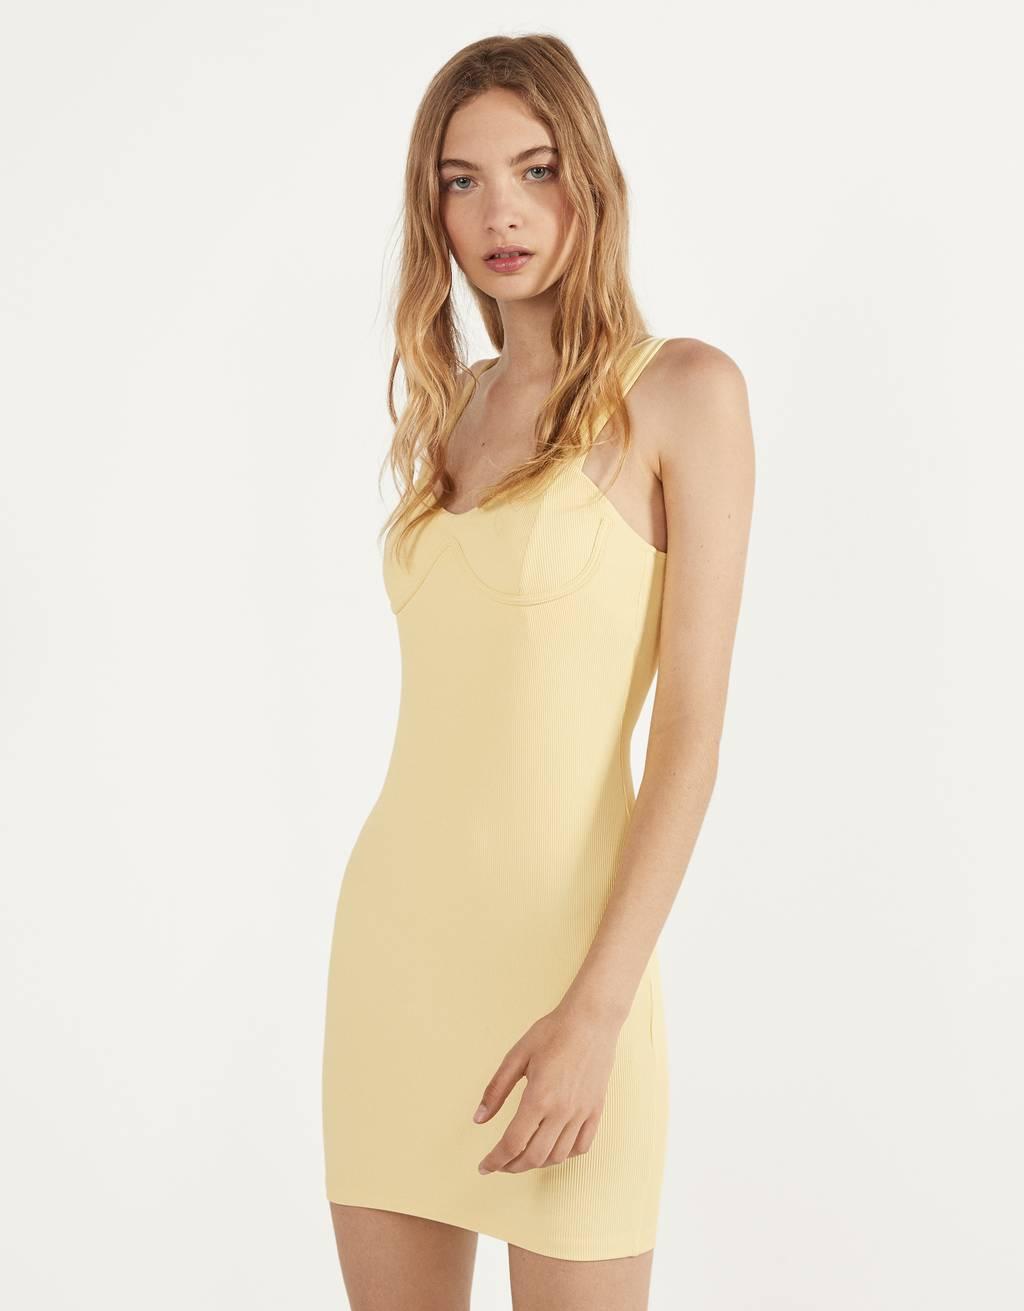 Short bralette-style dress